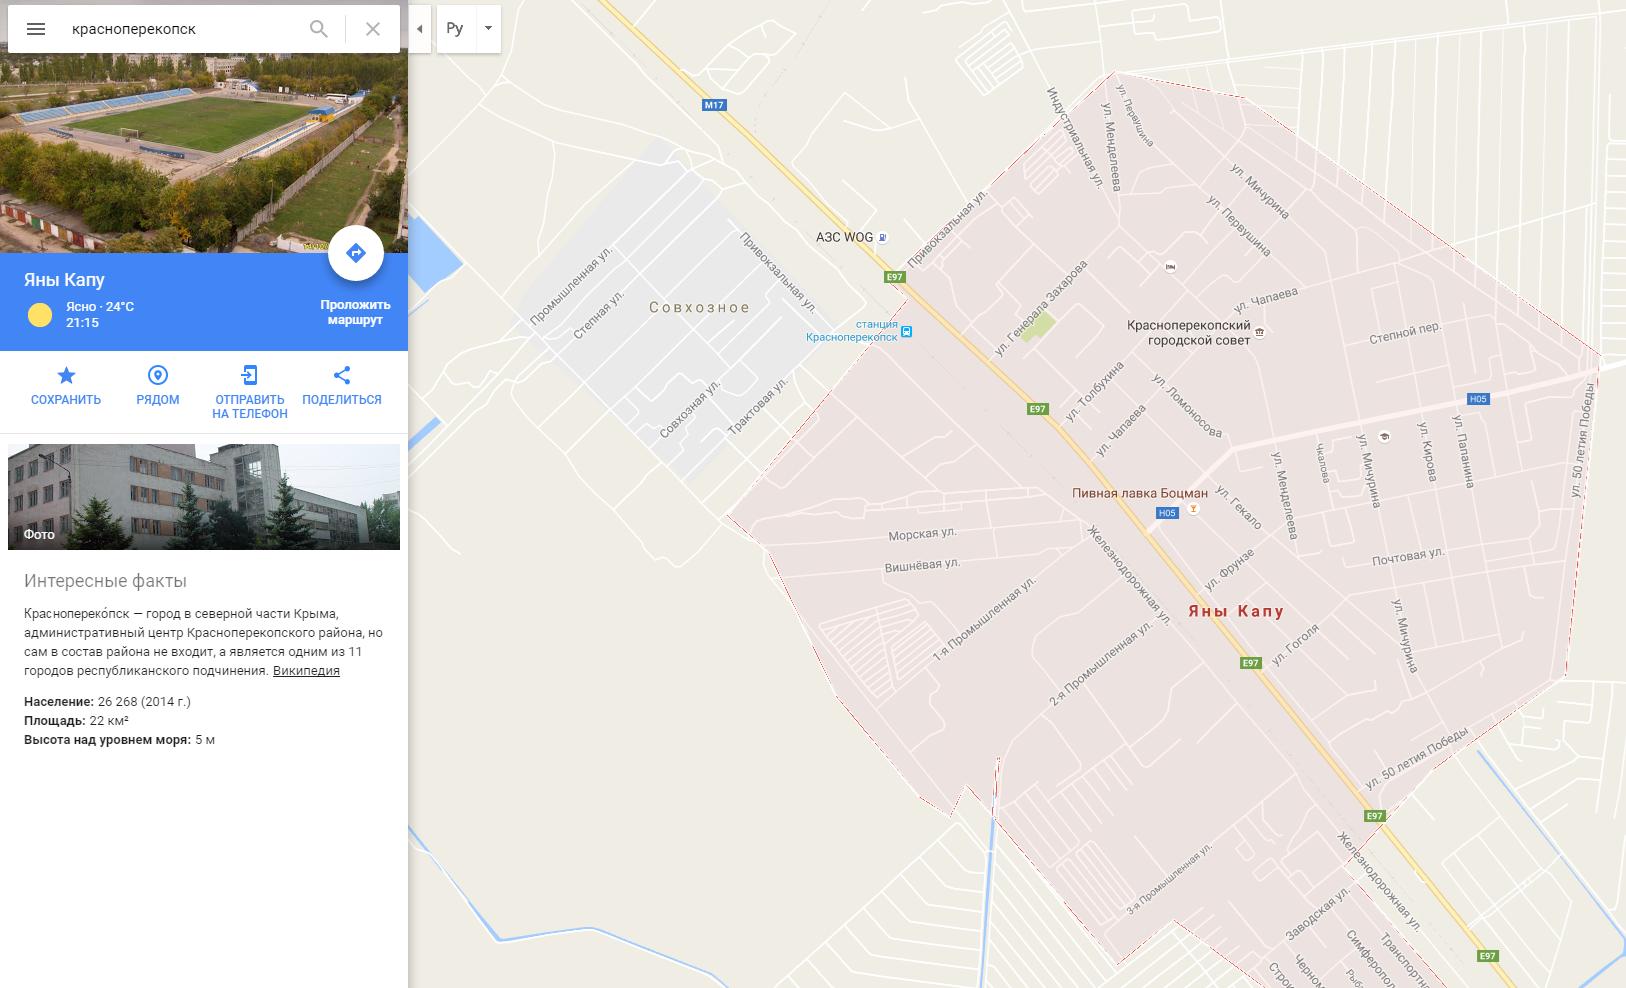 20160728_07-37-Google декоммунизировал Крым-pic2